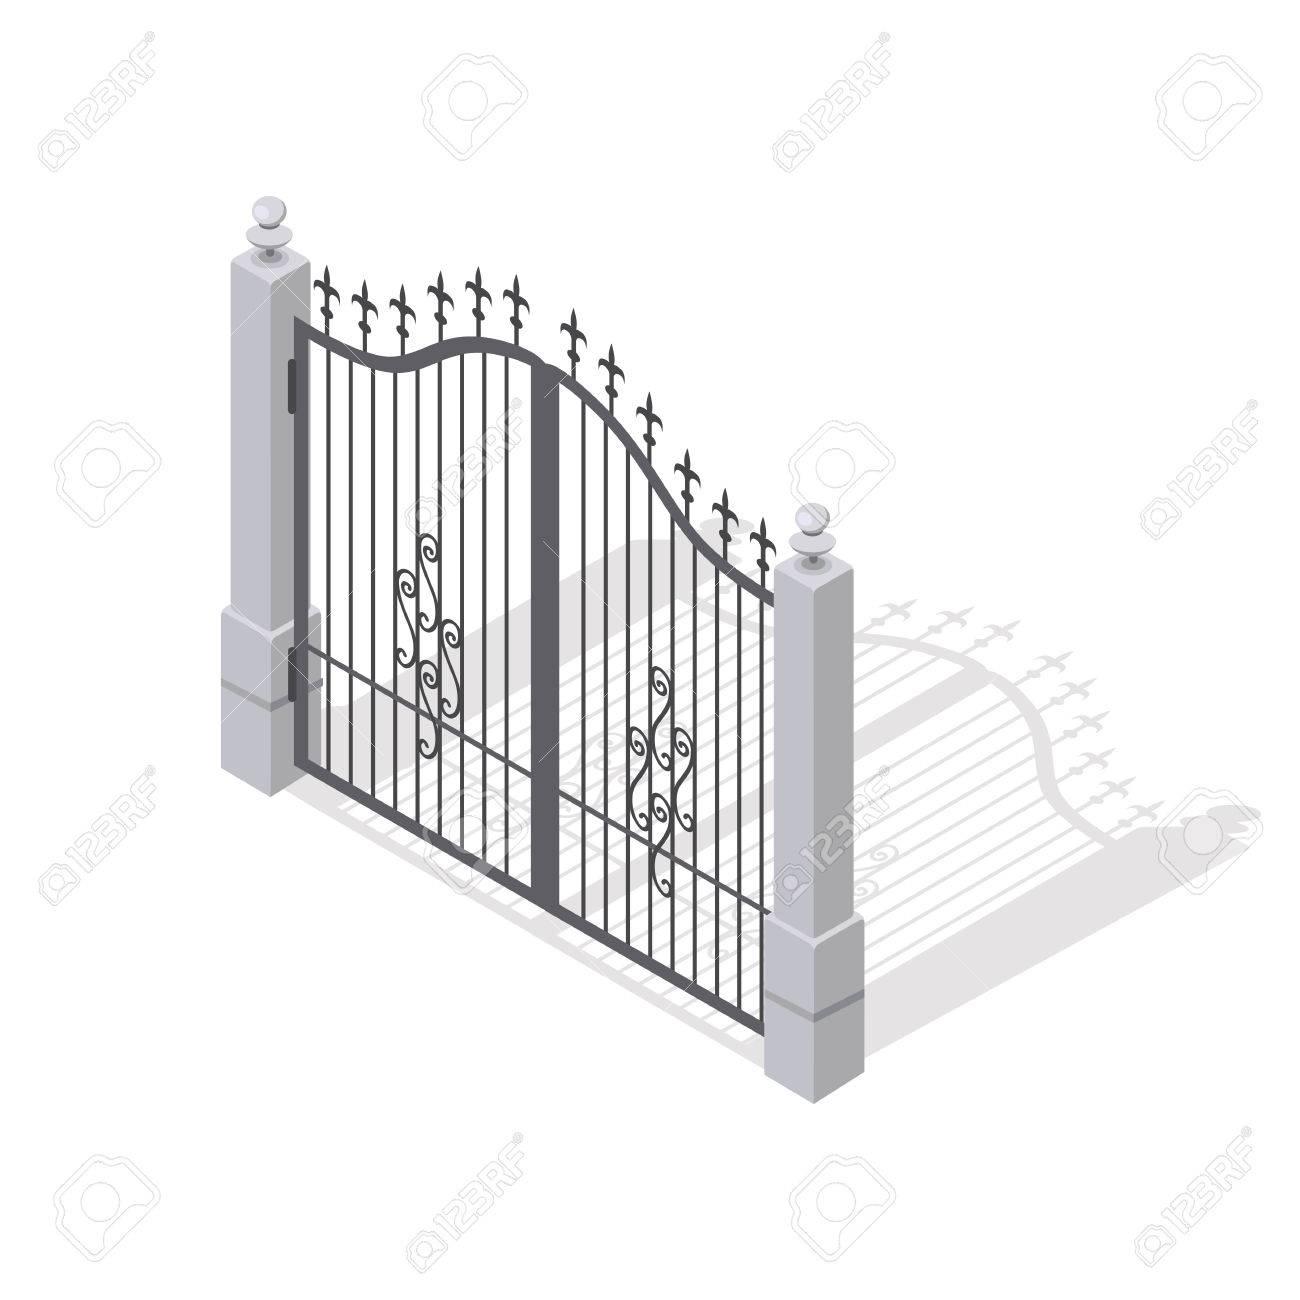 Hierro Puertas Abre Y Se Cierra Desde La Mitad Aislado En Blanco - Vallas-de-metal